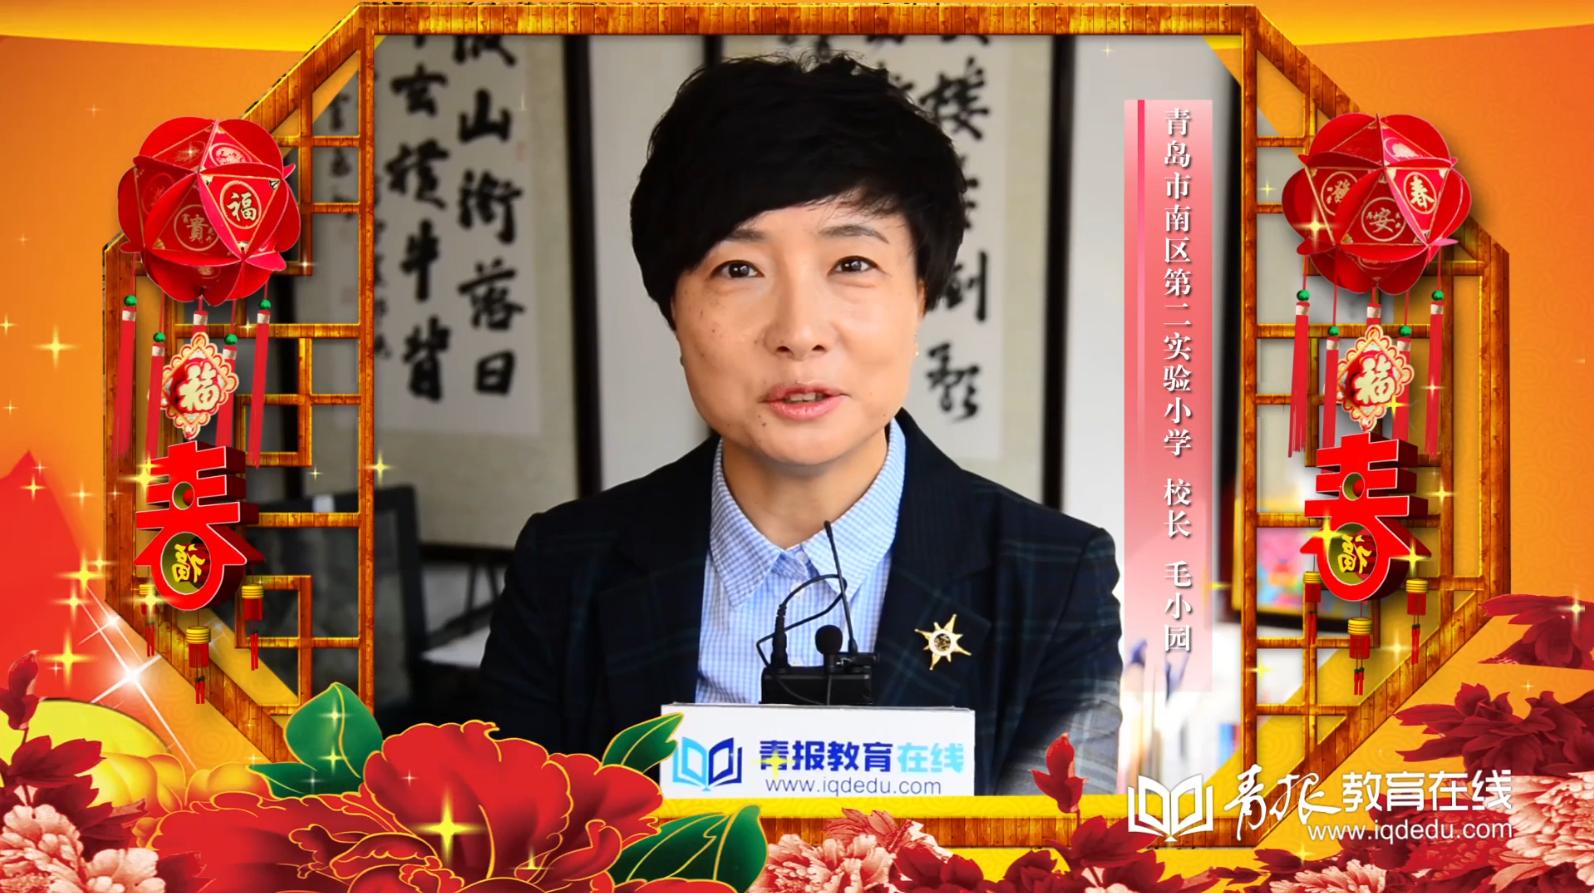 【视频】新年到!青岛市南区第二实验小学祝您幸福安康!